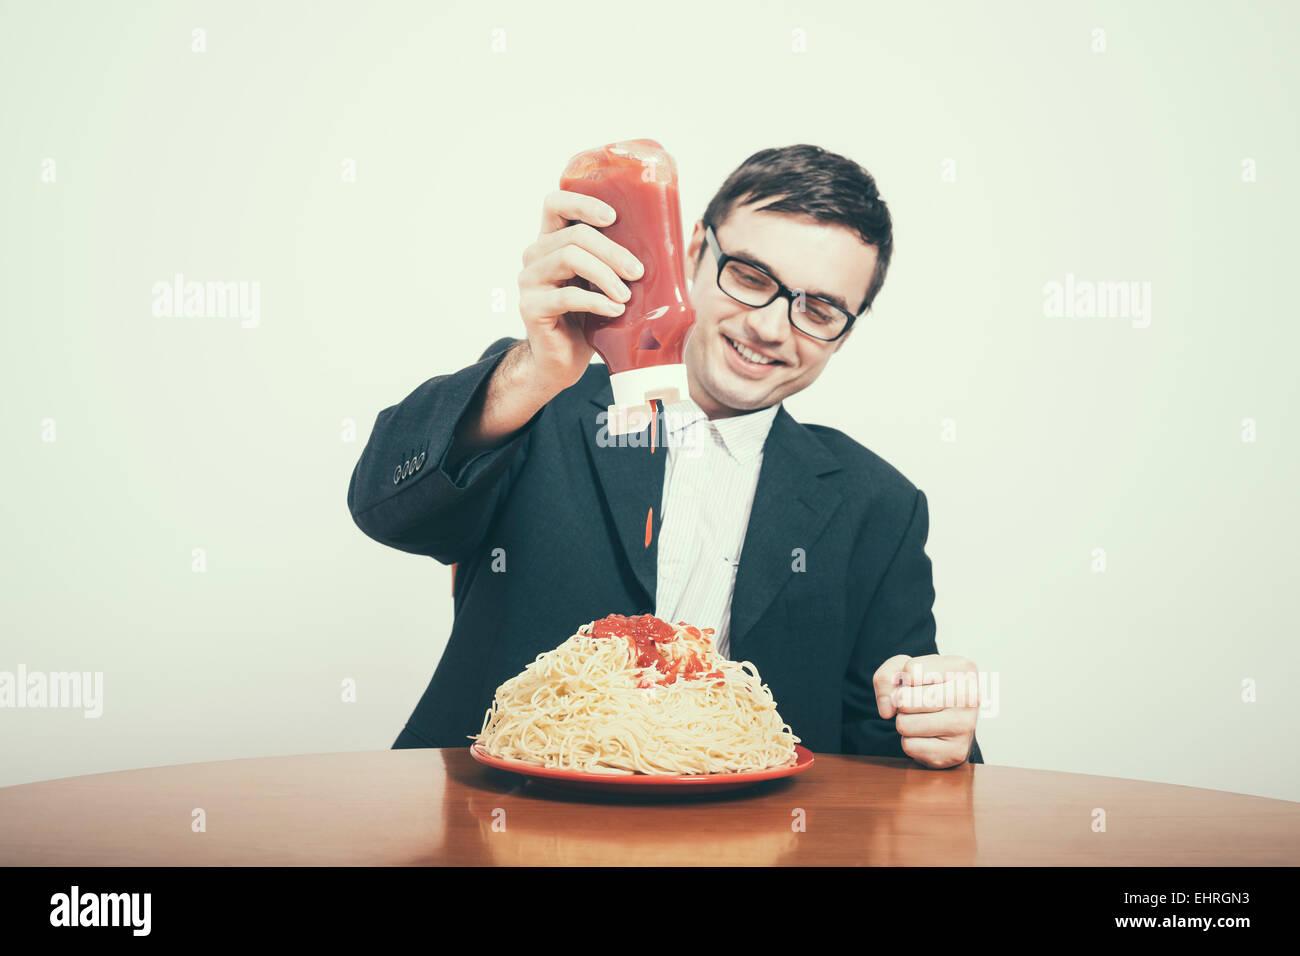 Felice il consumismo concetto. Happy businessman versando il ketchup su un enorme piatto di pasta. Immagini Stock